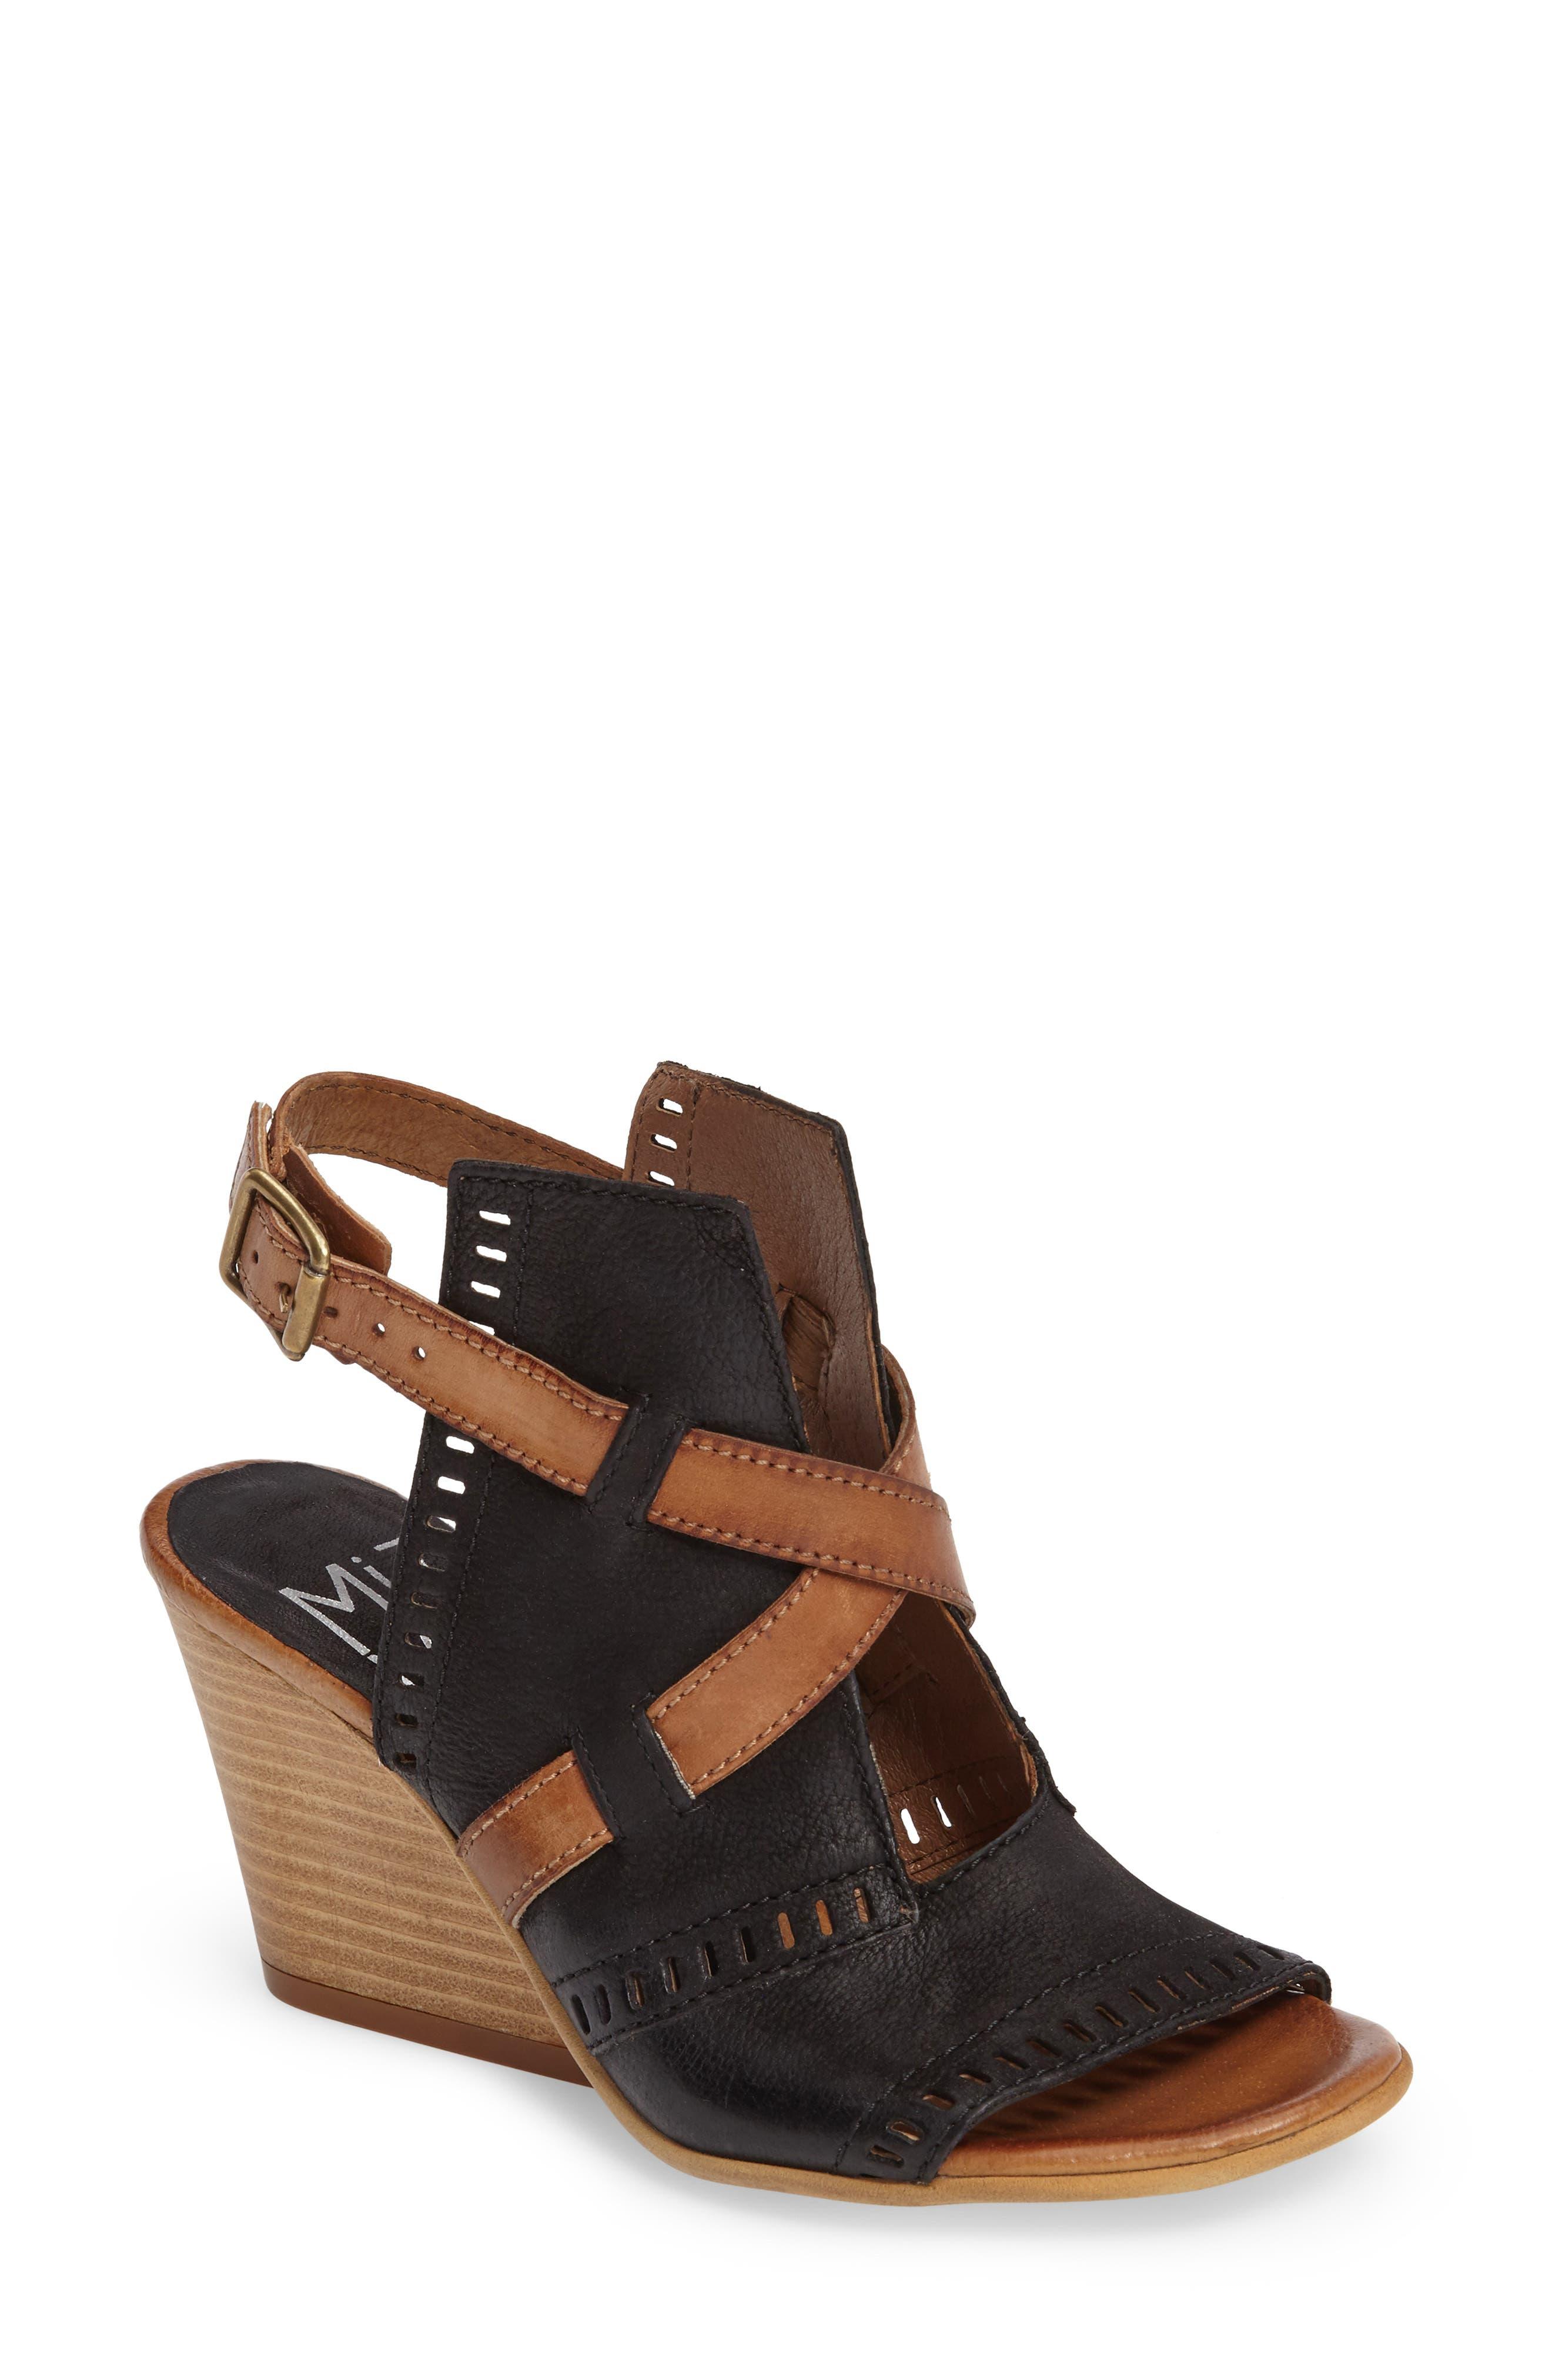 Kipling Perforated Sandal,                         Main,                         color,